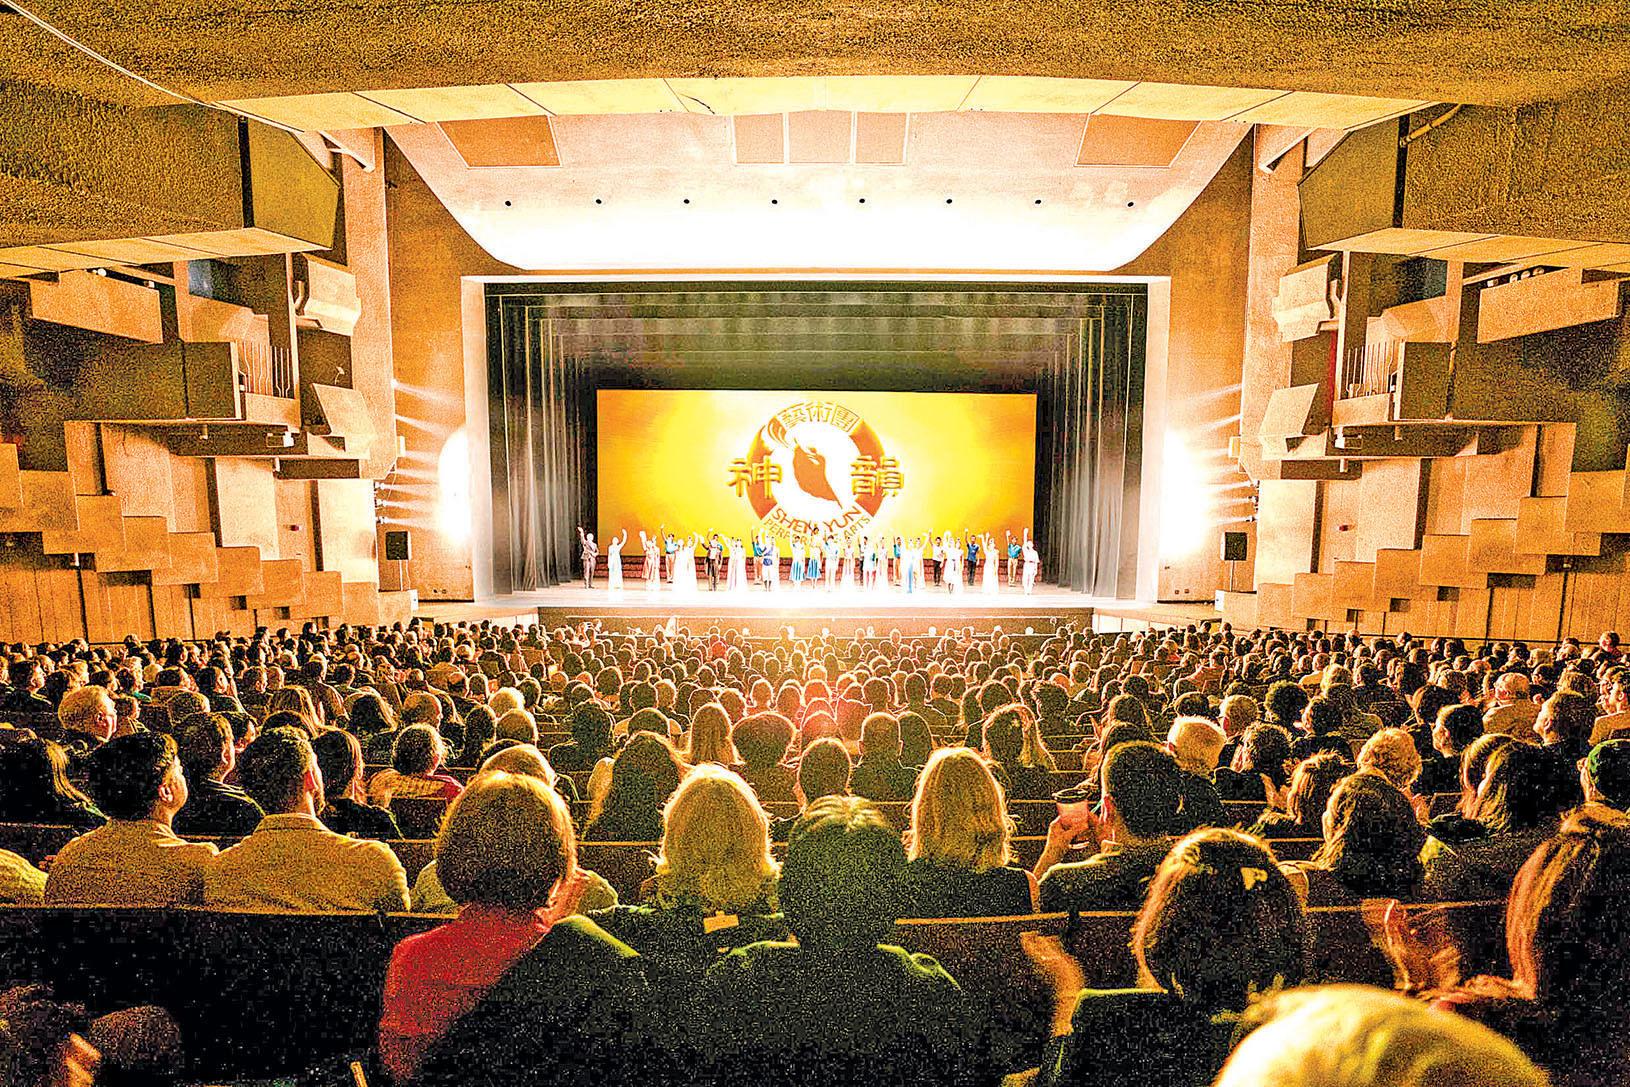 12 月 20 日晚,神韻環球藝術團在美國加州大學伯克利分校澤勒巴克館的第一場演出現場。(周容/大紀元)